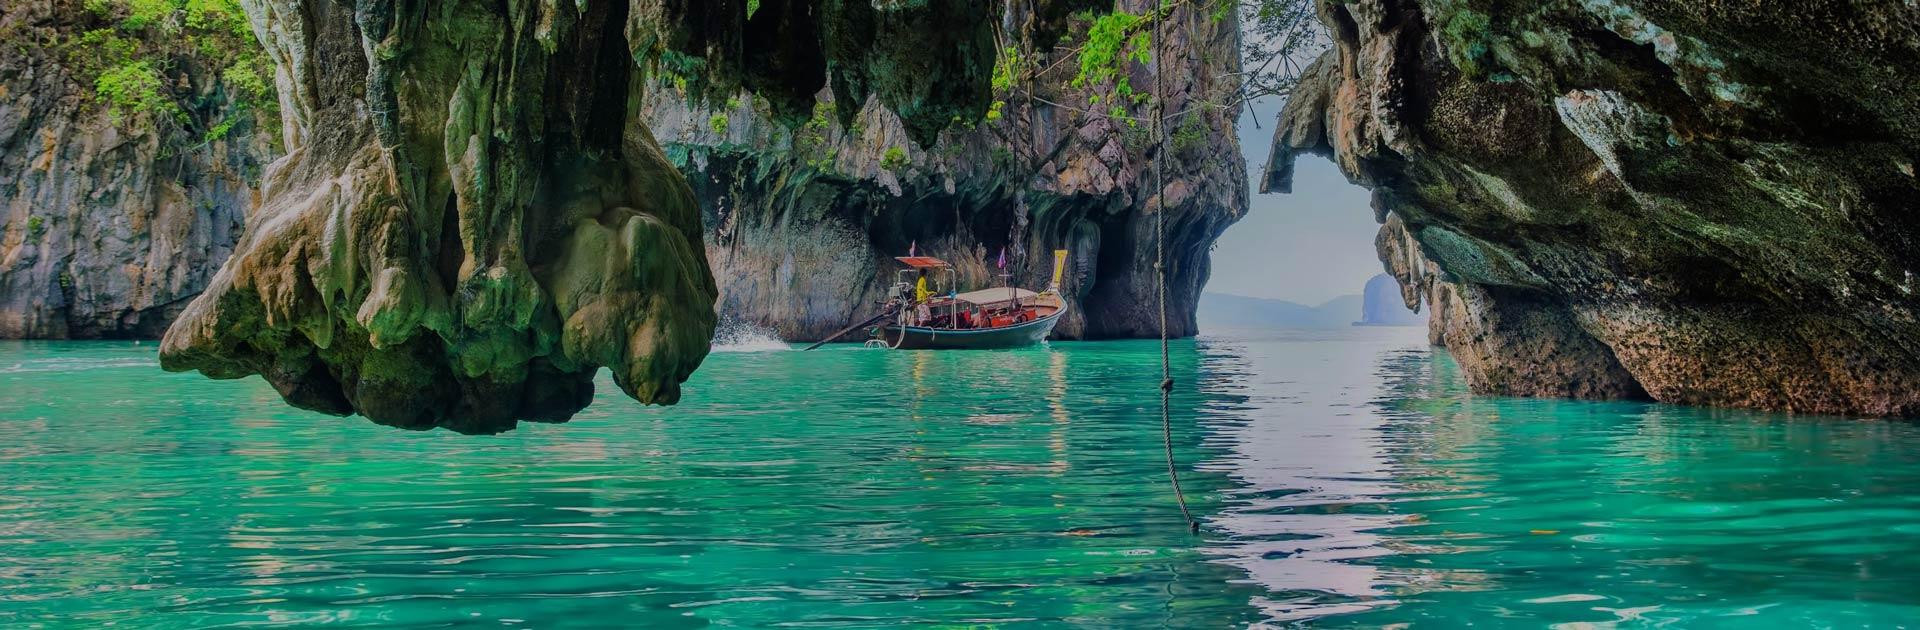 TH Aventura por las islas de Trang en Tailandia 15 días 5